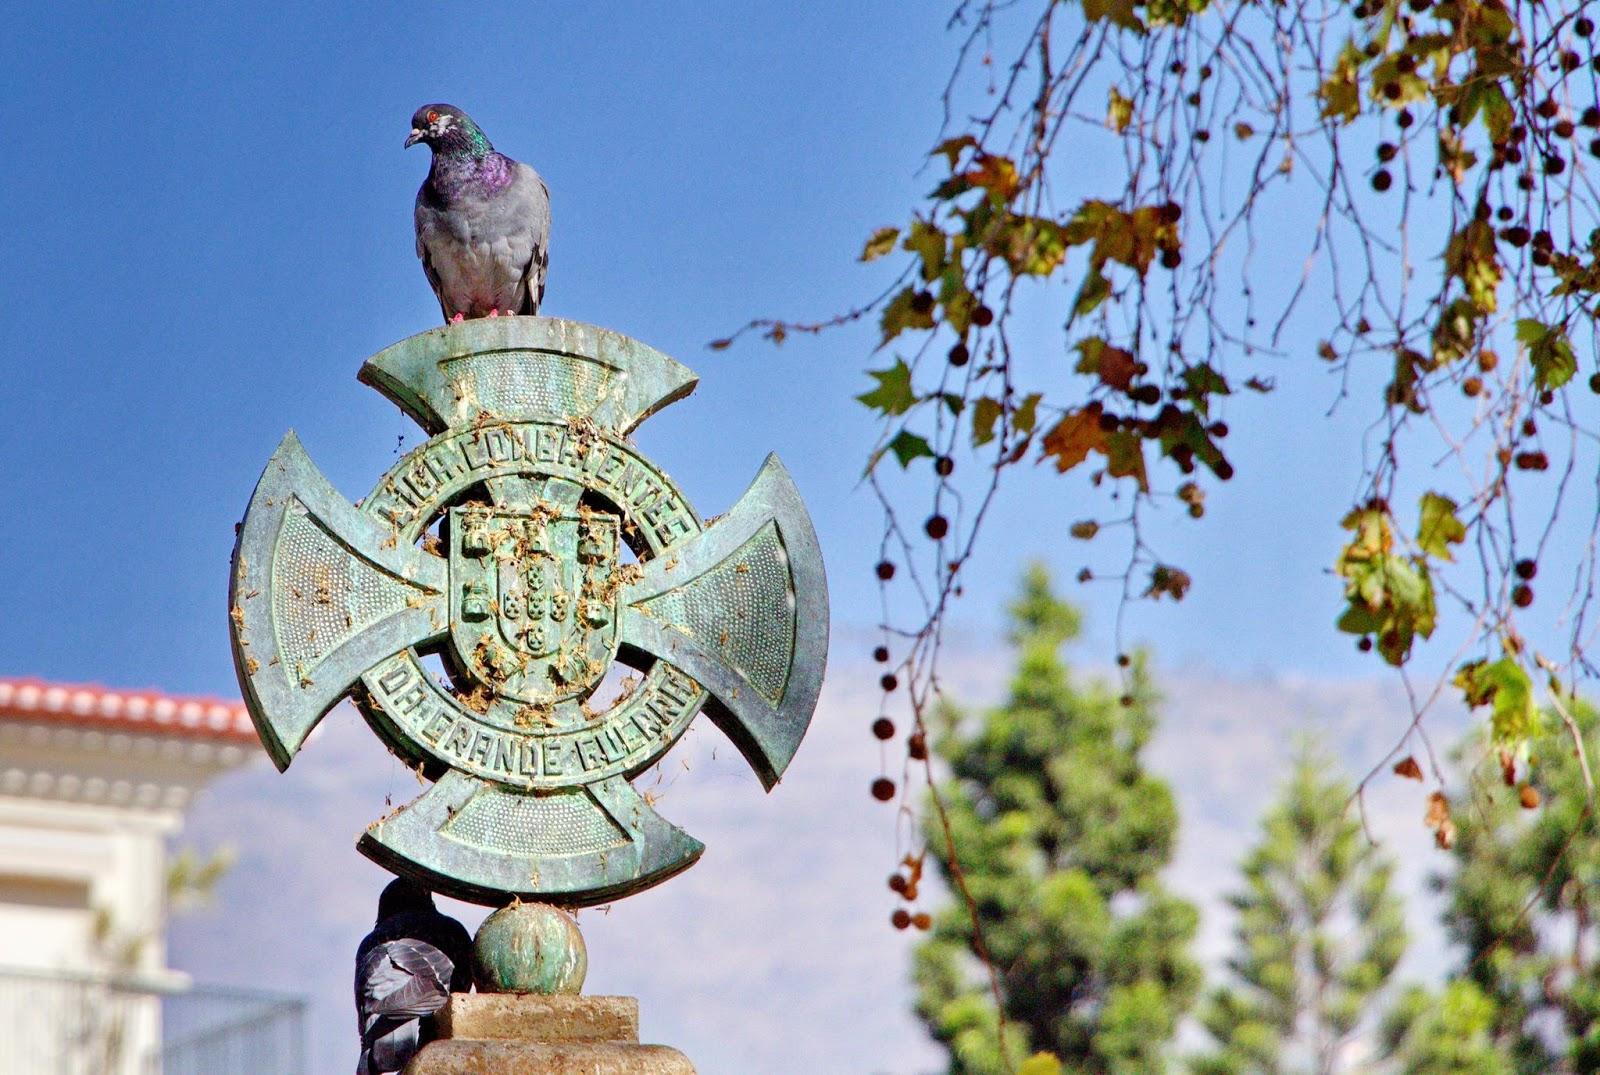 o pombo empoleirado